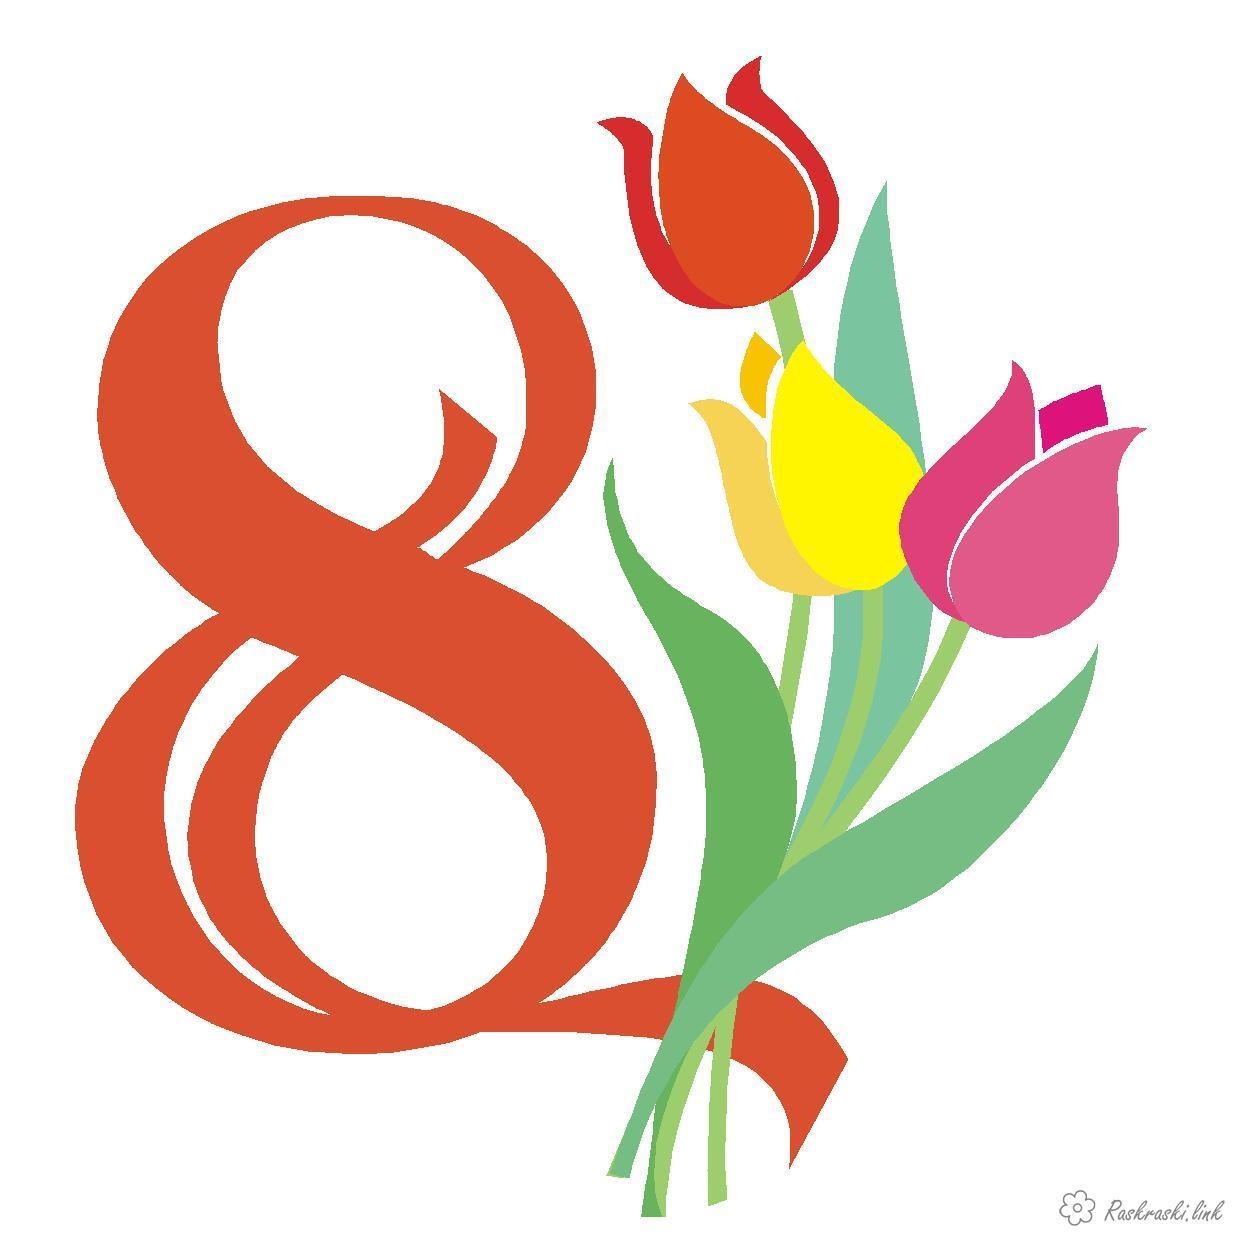 Розмальовки Аплікації Аплікації 8 березня, новий рік, 9 травня, день перемоги, день захисту ...